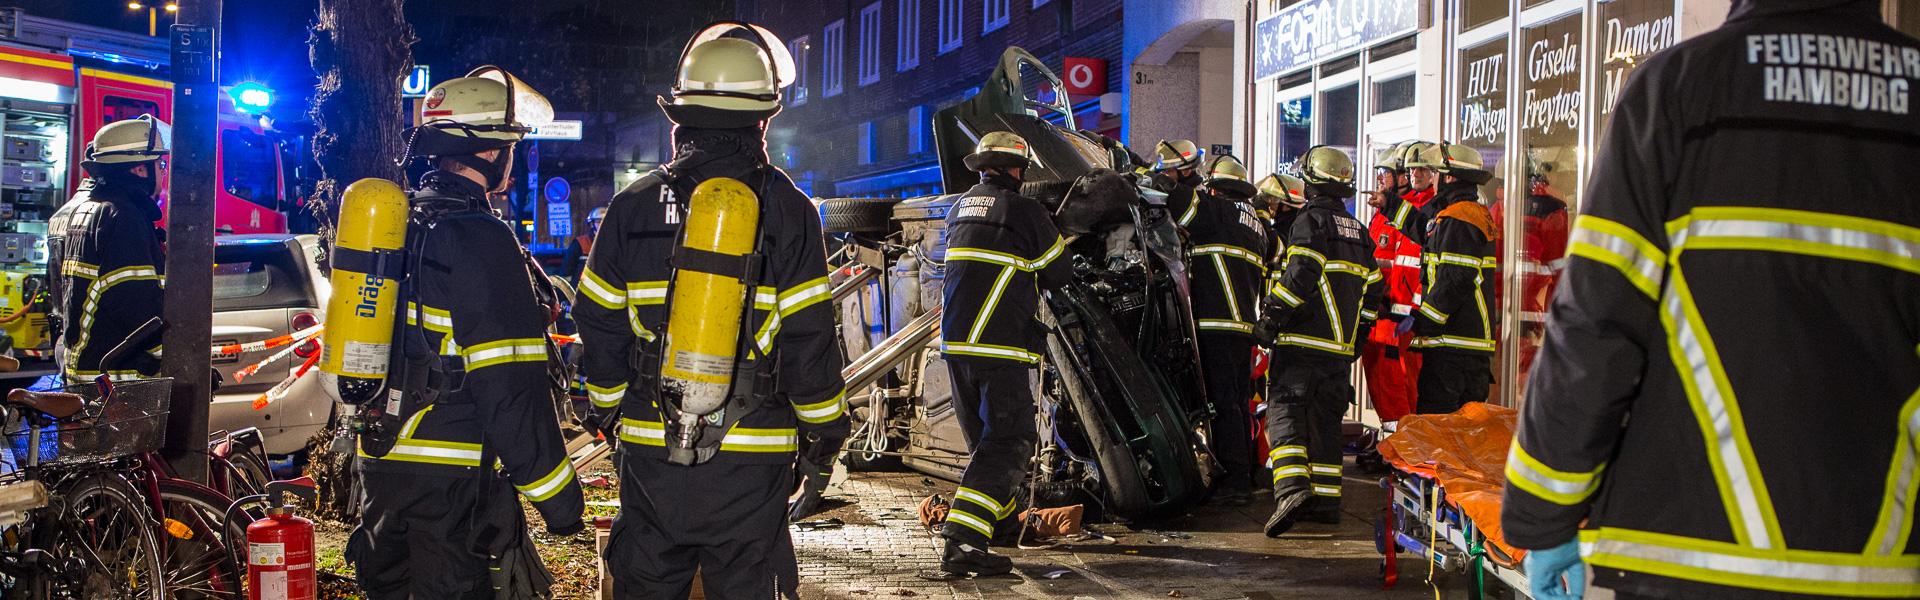 26.11.2017 – Überschlag Unfall am Winterhuder Marktplatz